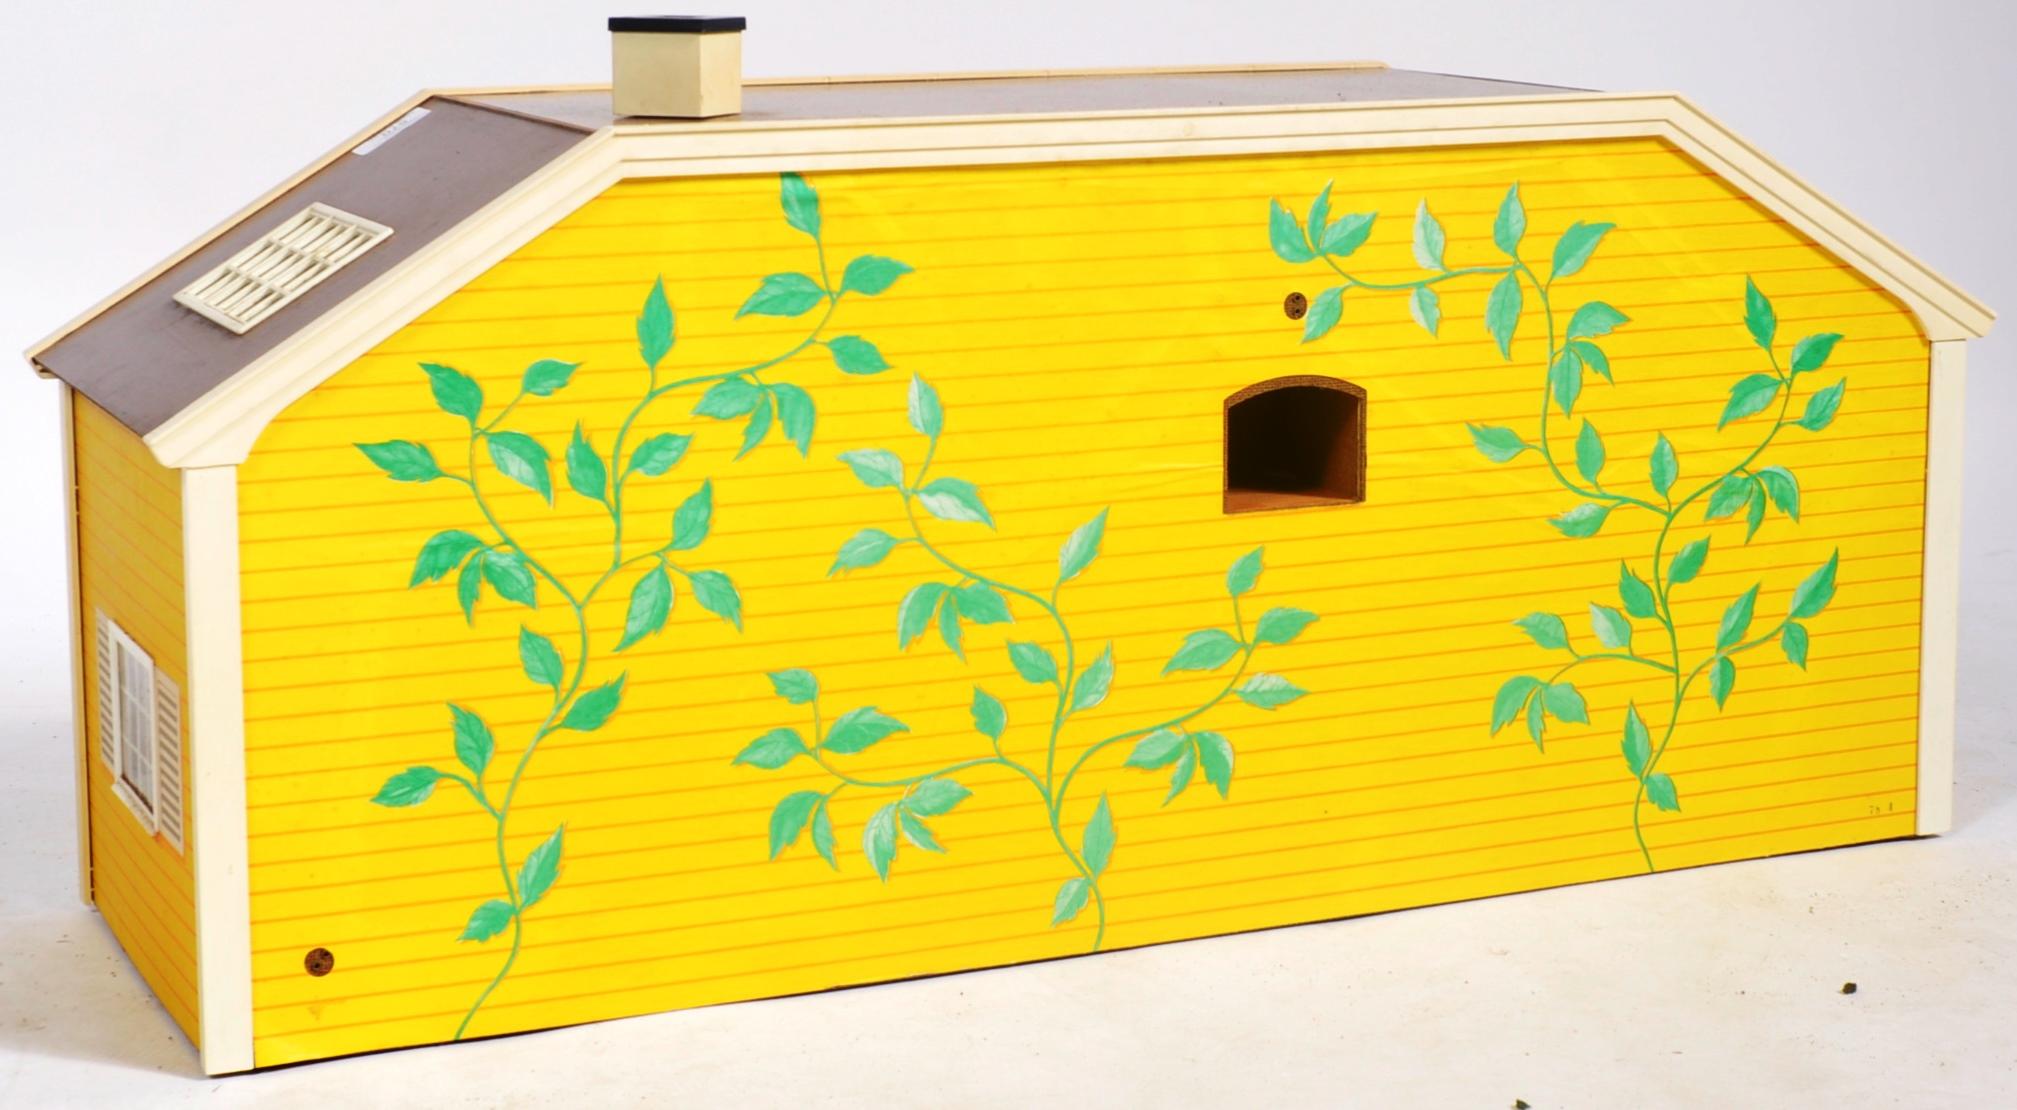 LARGE VINTAGE 1970S LUNDBY OF SWEDEN CHILD'S DOLLS HOUSE - Image 4 of 7